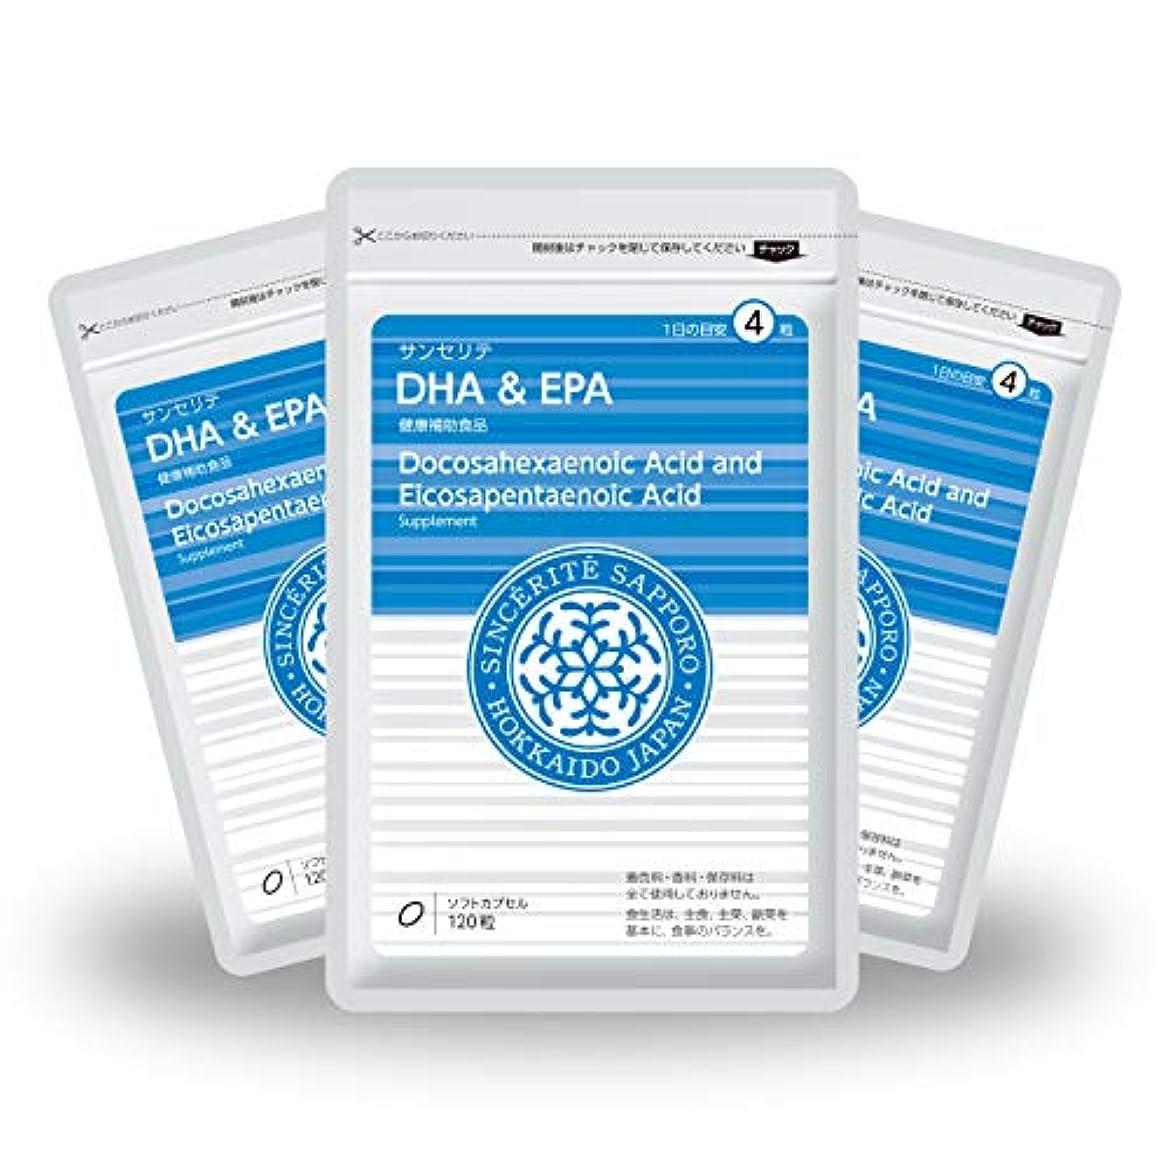 専門ピボット副詞DHA&EPA 3袋セット[送料無料][DHA]433mg配合[国内製造]お得な90日分